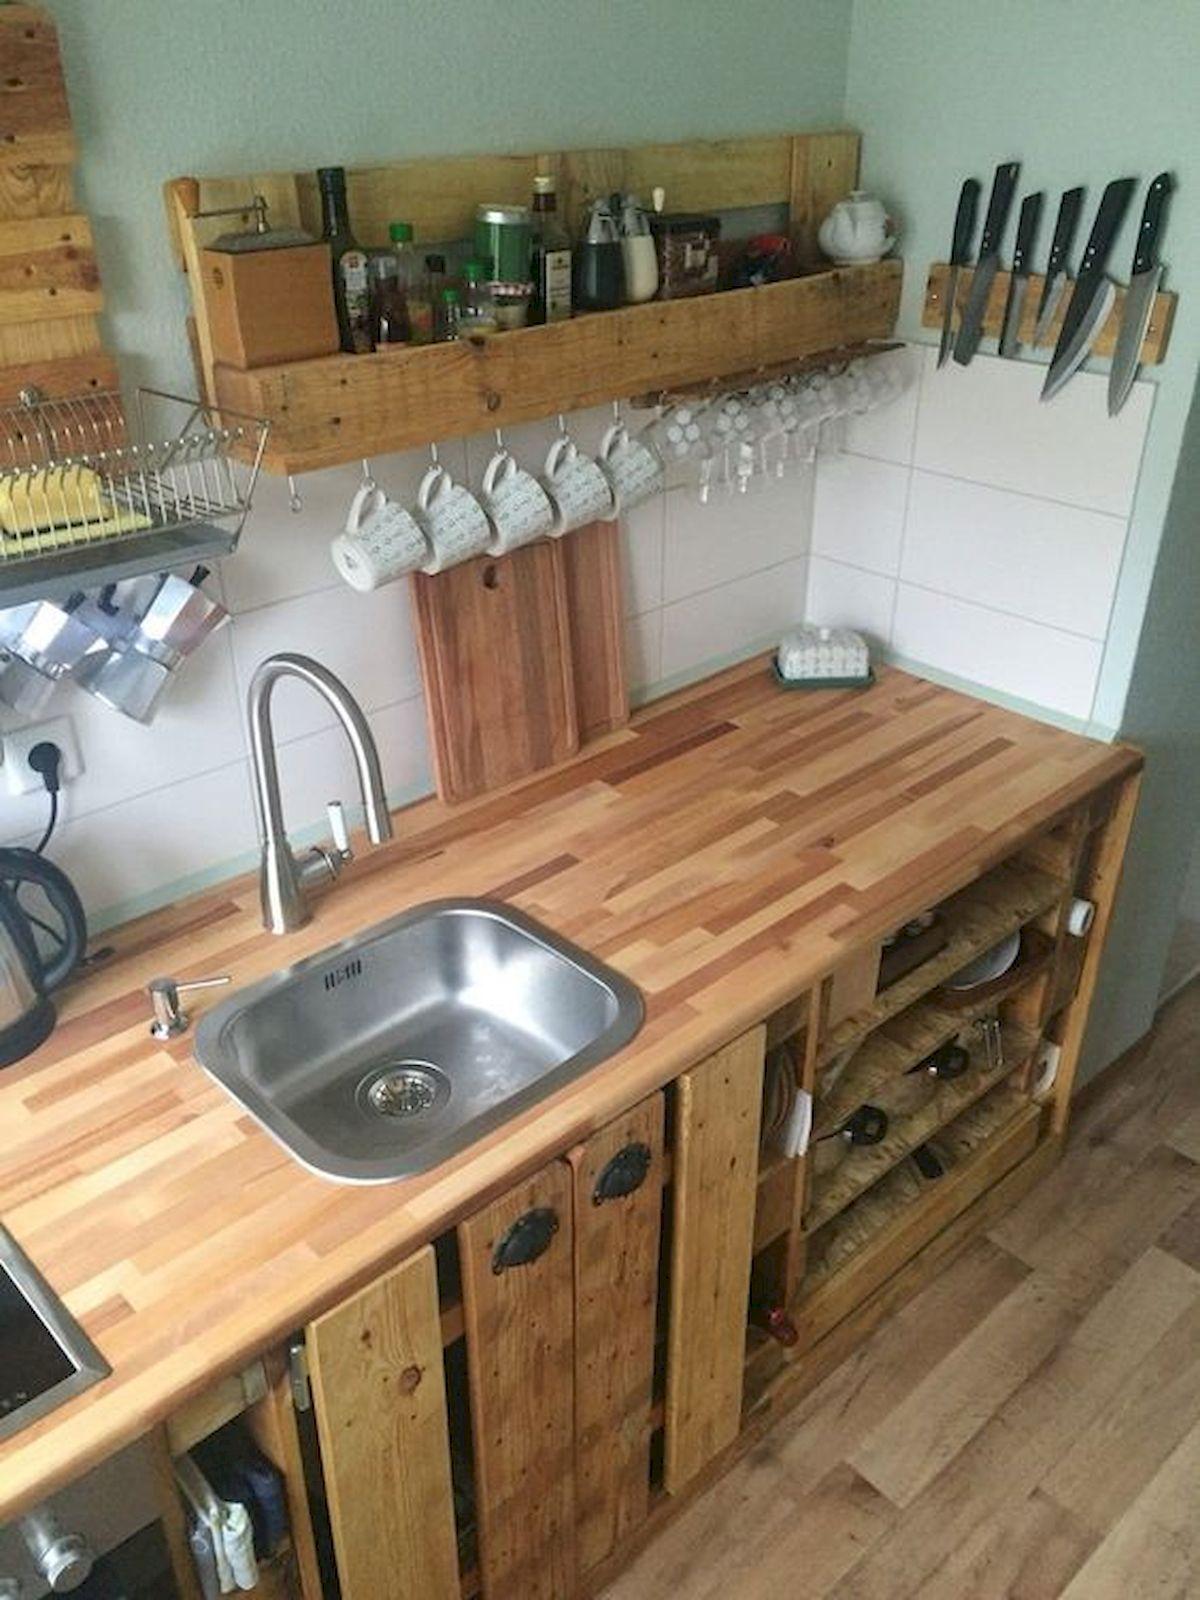 50 Amazing Diy Pallet Kitchen Cabinets Design Ideas Pallet Kitchen Cabinets Pallet Kitchen Kitchen Cabinet Design